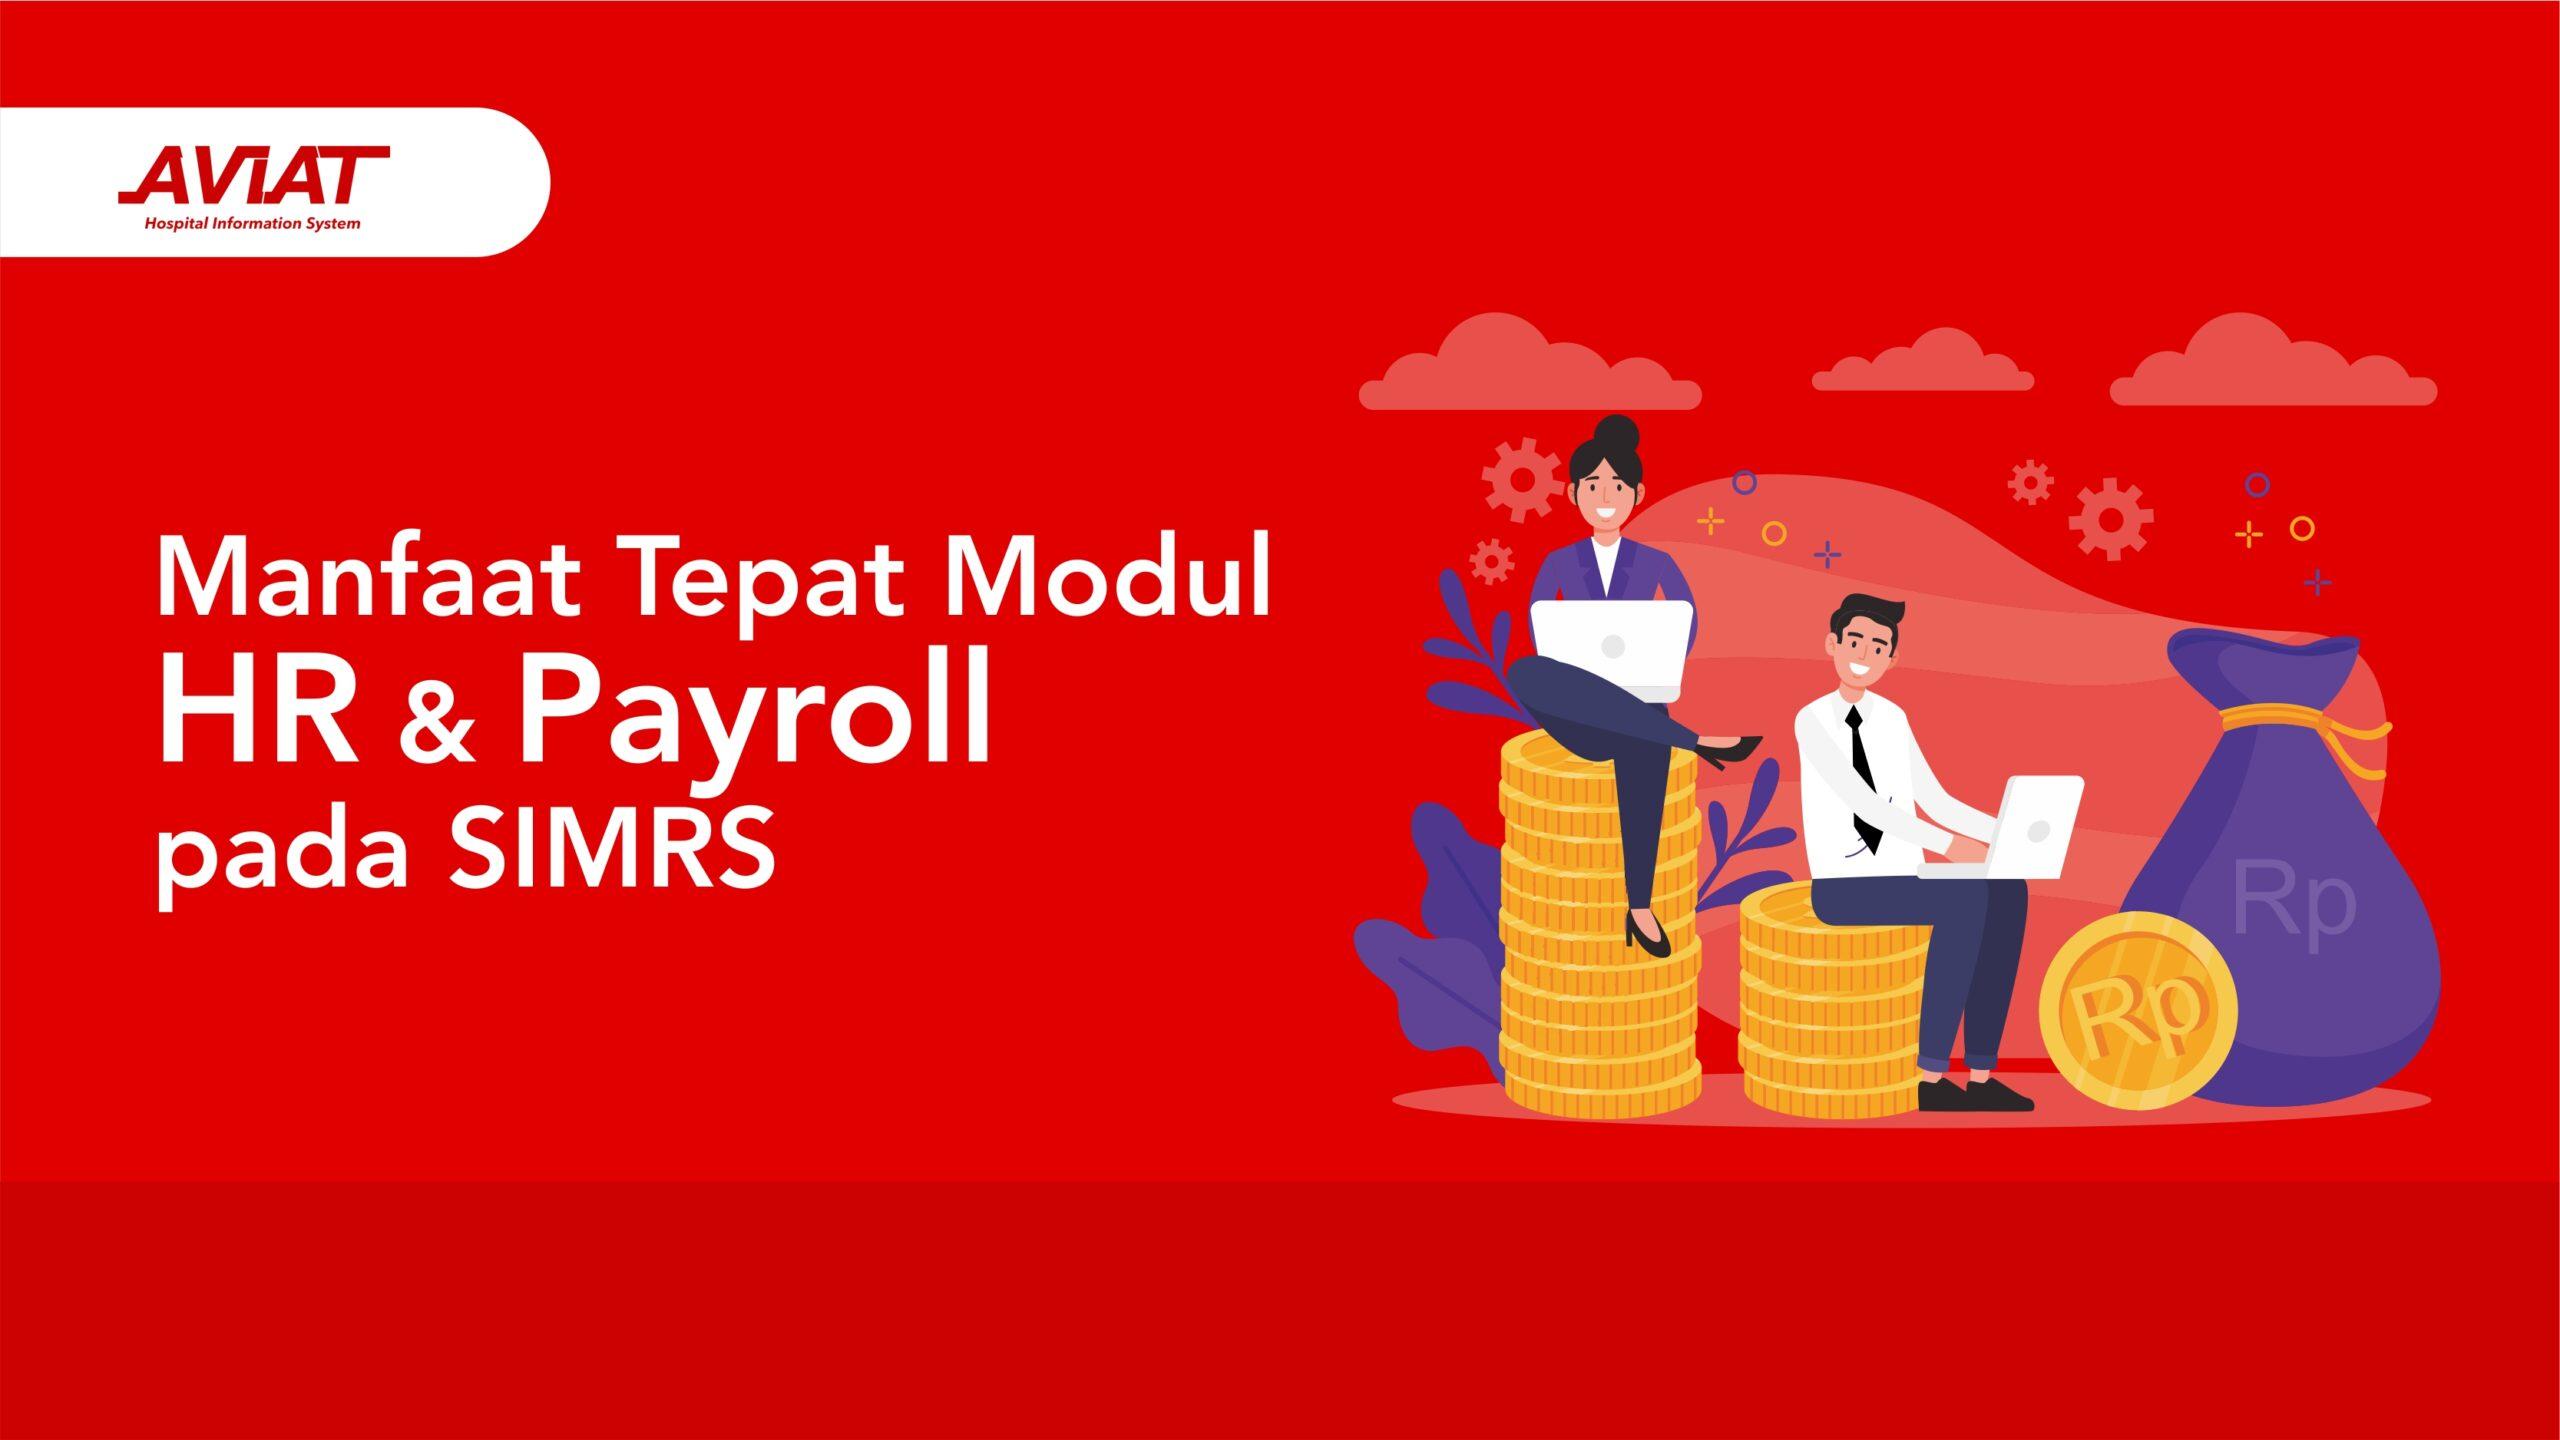 Manfaat Tepat Modul HR dan Payroll pada SIMRS